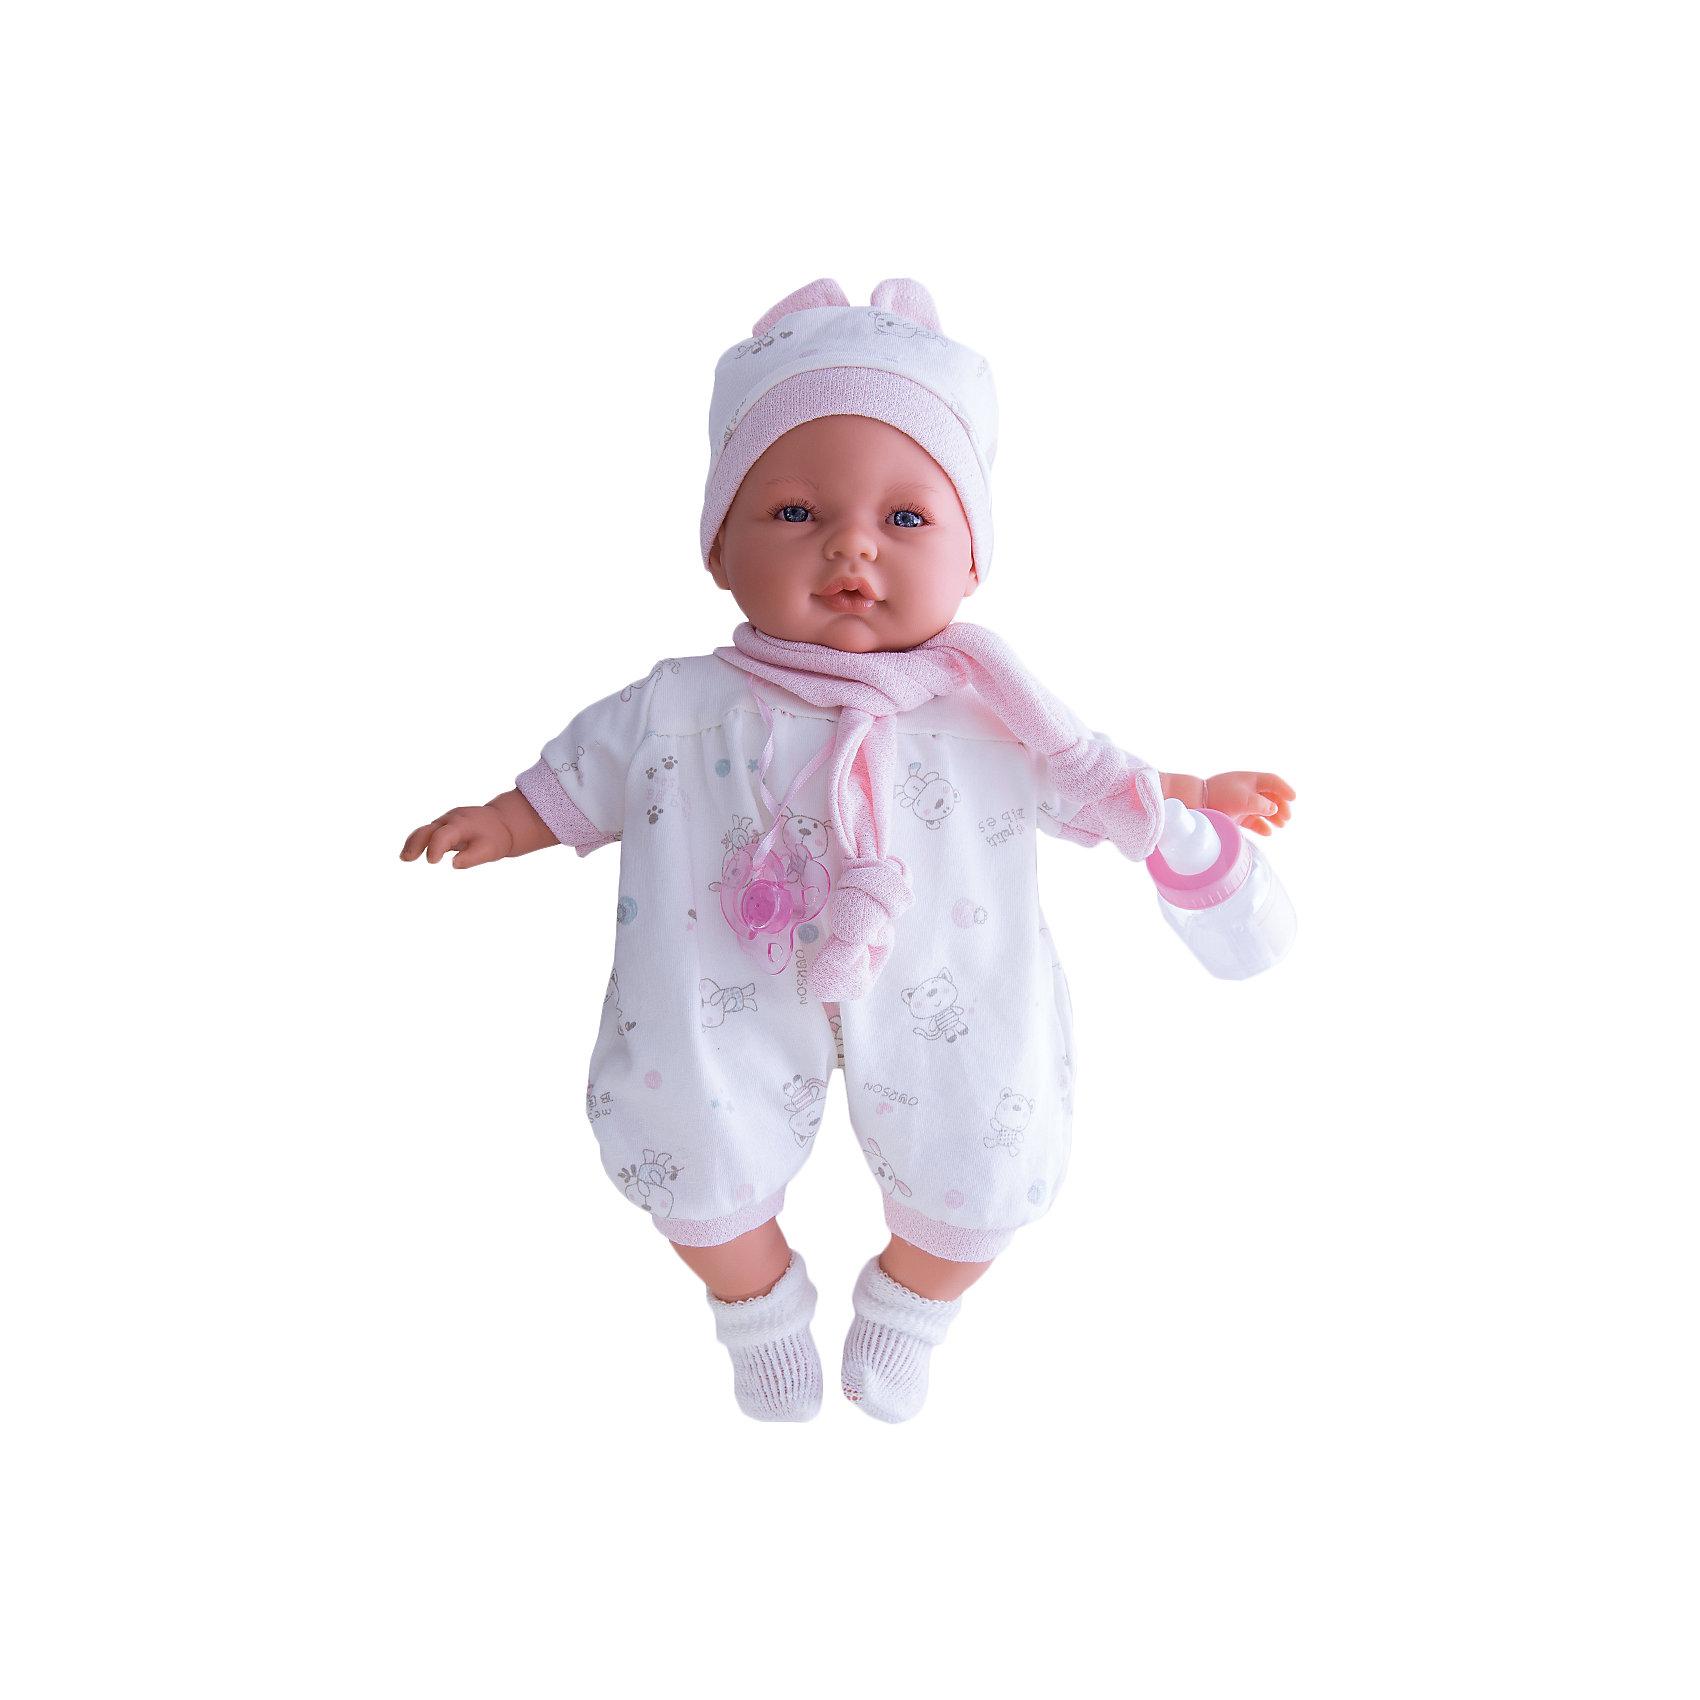 Кукла София в розовом, 37 см, Munecas Antonio JuanКлассические куклы<br>Кукла София в розовом, 37см, Munecas Antonio Juan (Мунекас от Антонио Хуан) ? это очаровательная малышка от всемирно известного испанского бренда Мунекас от Антонио Хуан, который знаменит своими реалистичными куклами. Кукла изготовлена из винила высшего качества, ручки и ножки подвижны, глазки не закрываются. <br>Выразительный взгляд голубых глазах, нежные черты лица, розовые щечки, пухленькие губкеи и курносый носик ? малышка София очарует даже самую взыскательную девочку!<br>Кукла София в розовом, 37см, Munecas Antonio Juan (Мунекас от Антонио Хуан) разработана с учетом анатомических особенностей и мимики младенцев. Играя с Софией, ваш ребенок реалистично проживает роль «мамы», учится ухаживать за малышом, заботиться о нем.<br>В комплекте с куклой идет соска и бутылочка. Если соску достать из ротика, София начинает плакать, успокаивается она, когда соску возвращают обратно в ротик. <br>Одежда куклы разработана современными европейскими дизайнерами: нежный комбинезон с розовыми манжетами, шапочка с ушками и белые носочки. Вокруг шеи повязан розовый шарфик. Весь комплект одежды и его продуманные детали направлены на то, чтобы способствовать формированию чувства стиля и вкуса в одежде у вашей девочки.<br>Куклы JUAN ANTONIO munecas (Мунекас от Антонио Хуан) ? мечта девочки любого возраста!<br><br>Дополнительная информация:<br><br>- Вид игр: сюжетно-ролевые игры <br>- Дополнительные функции: плачет<br>- Комплектация: кукла, соска, бутылочка<br>- Материал: пластик, винил, текстиль<br>- Высота куклы: 37 см<br>- Вес: 6 кг 120 г<br>- Батарейки: 3 шт. АА<br>- Особенности ухода: одежда ? ручная стирка<br><br>Подробнее:<br><br>• Для детей в возрасте: от 3 лет и до 6 лет<br>• Страна производитель: Испания<br>• Торговый бренд: JUAN ANTONIO munecas <br><br>Куклу Софию в розовом 37 см, Munecas Antonio Juan  (Мунекас от Антонио Хуан) можно купить в нашем интернет-магазине.<br><br>Ширина мм: 440<br>Глубина мм: 